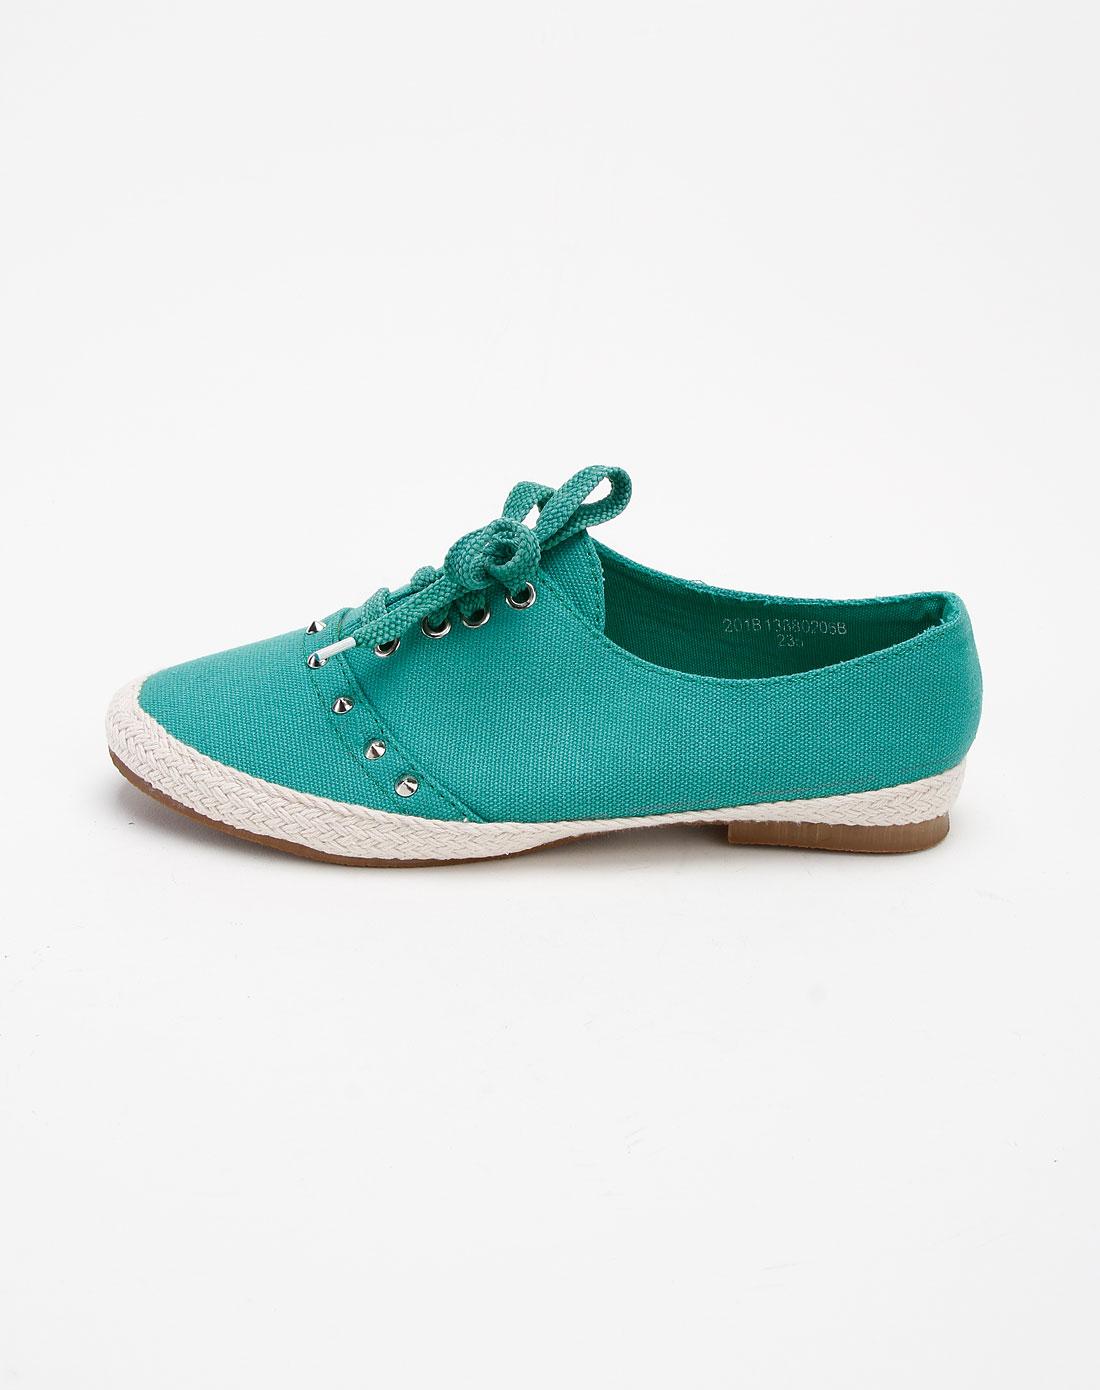 ggirl女款绿色铆钉绑带时尚帆布鞋201b13880206b